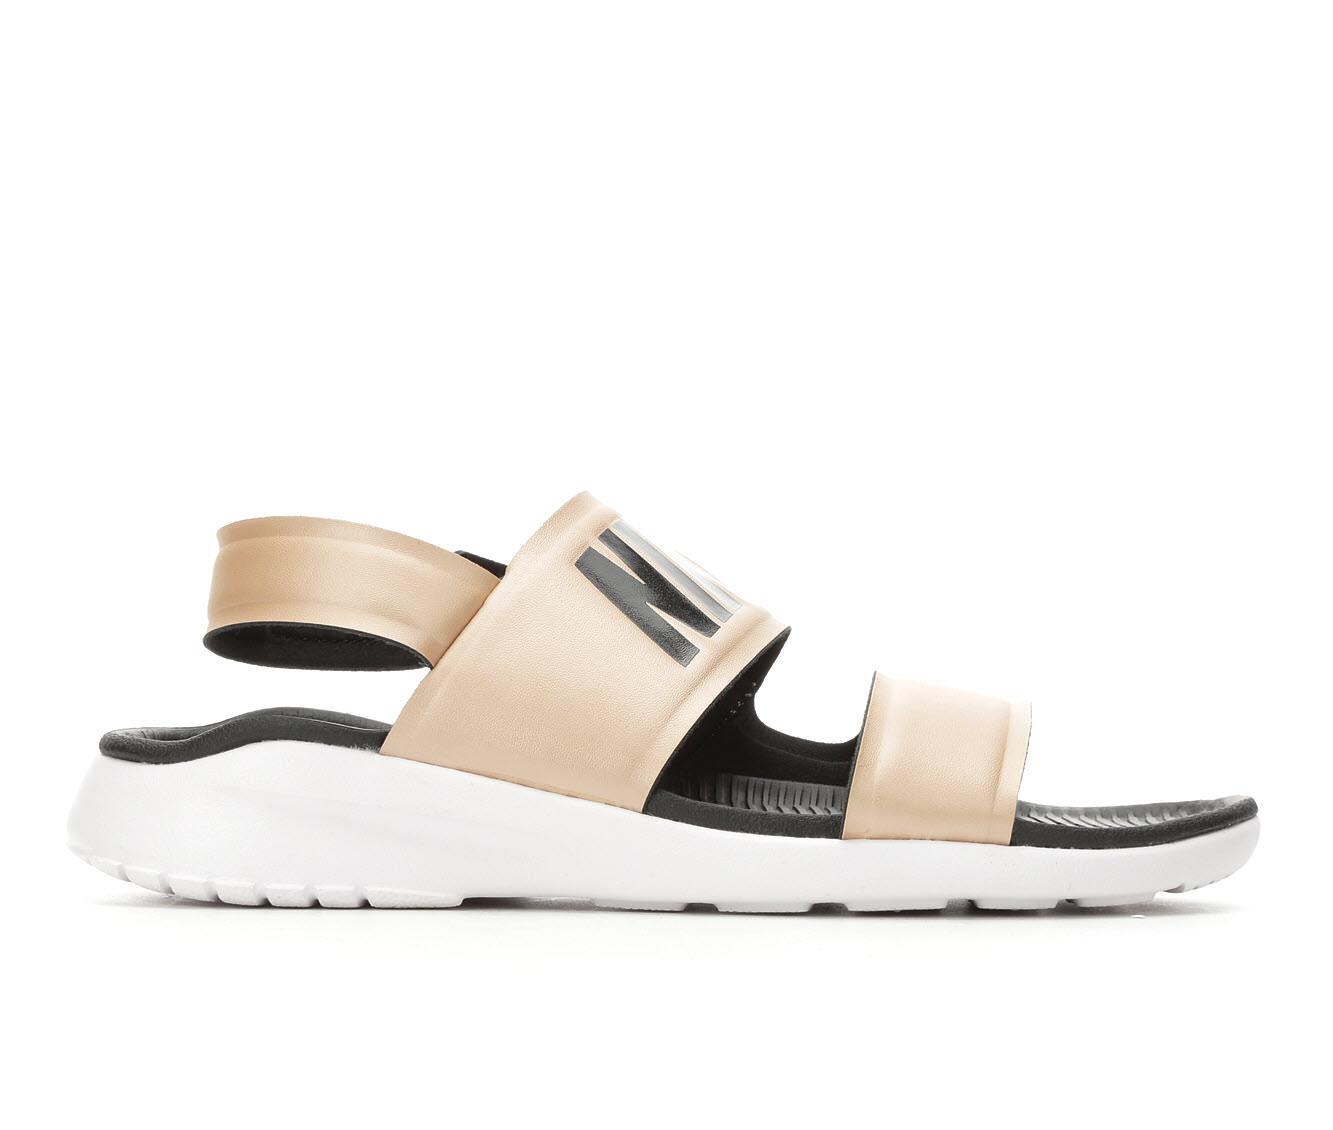 nike tanjun sandals in store